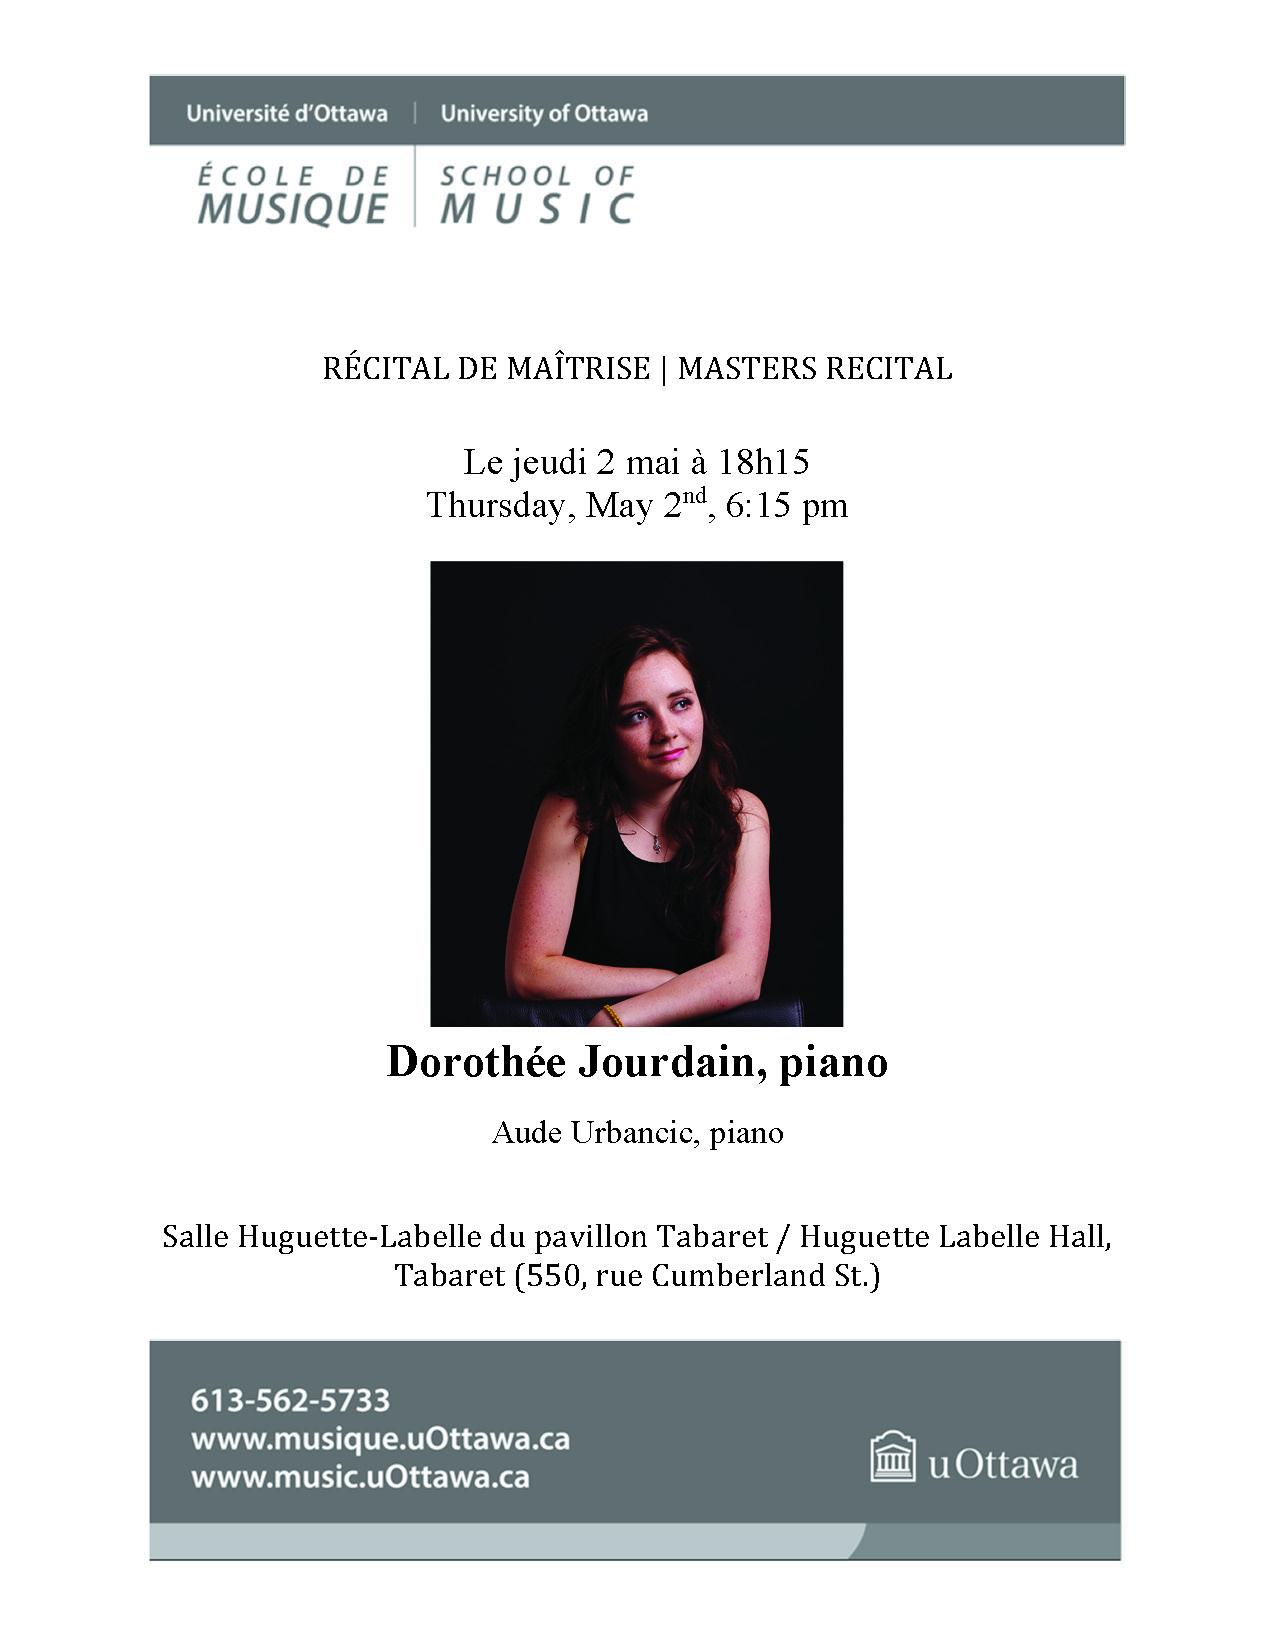 Recital program for Dorothée Jourdain, p. 1